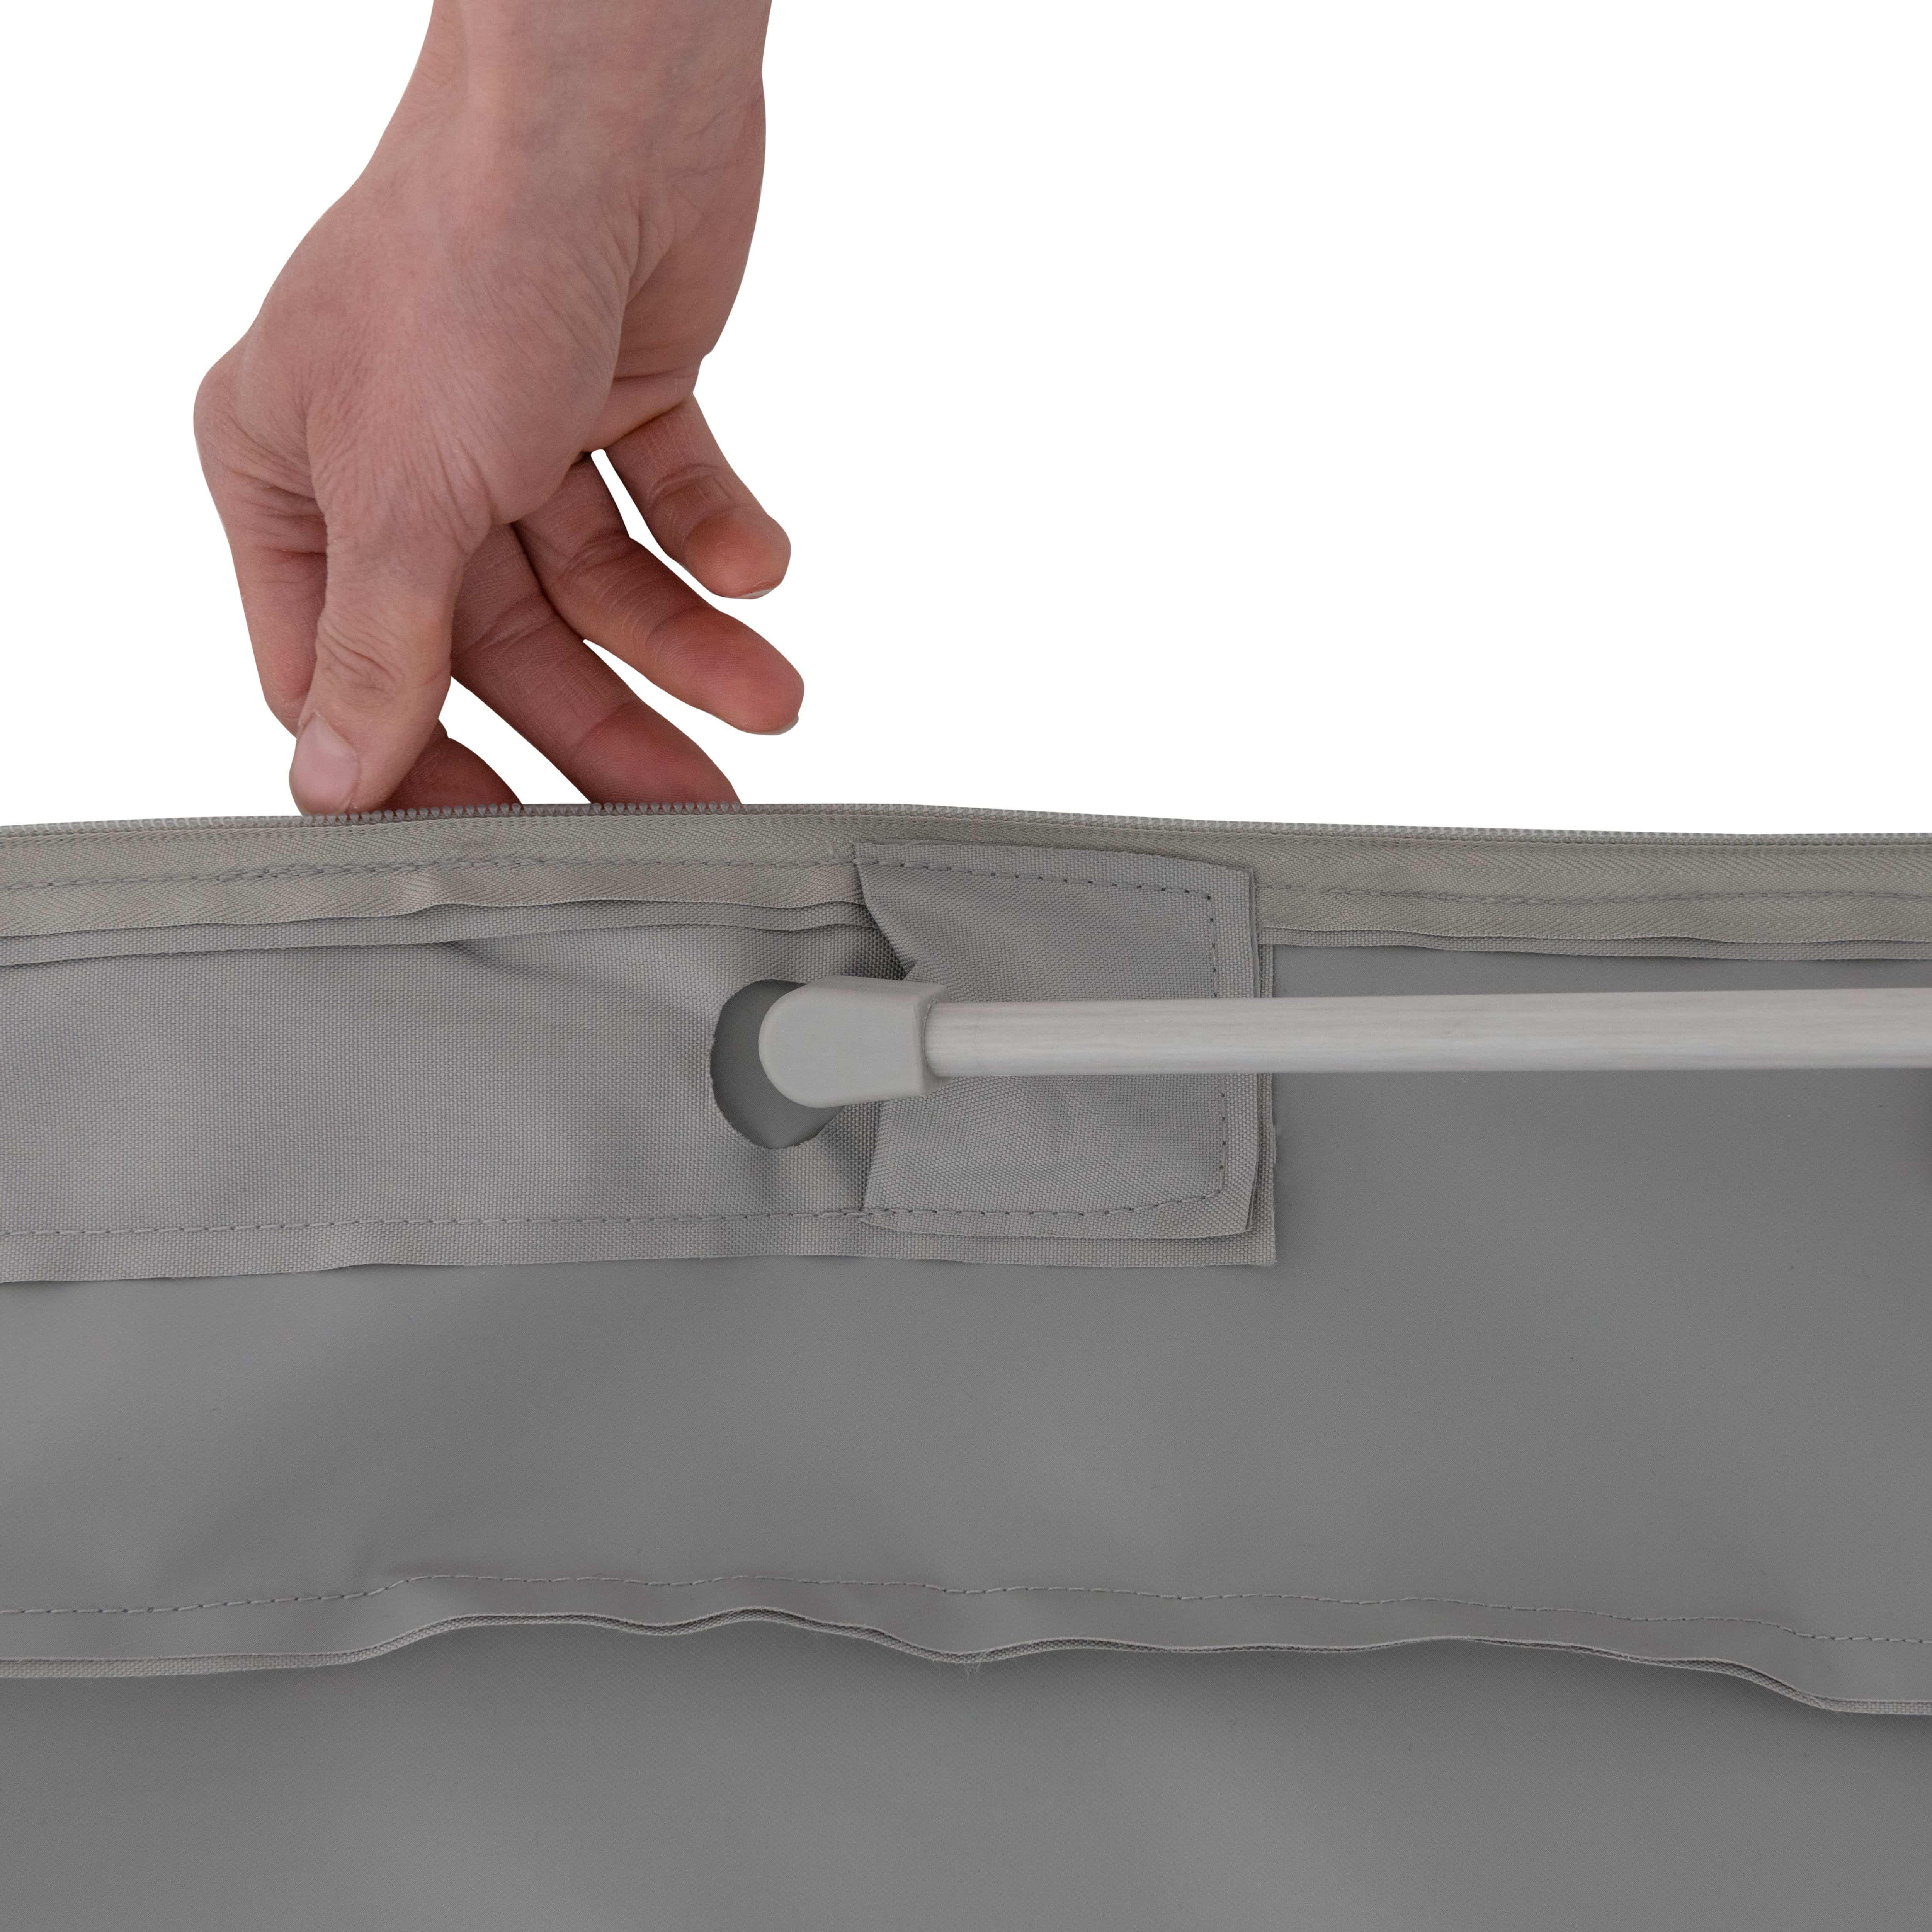 Knirps Parasol Schutzhülle für KNIRPS Pendelschirm 275x275 mit RV und Stab - foto 5